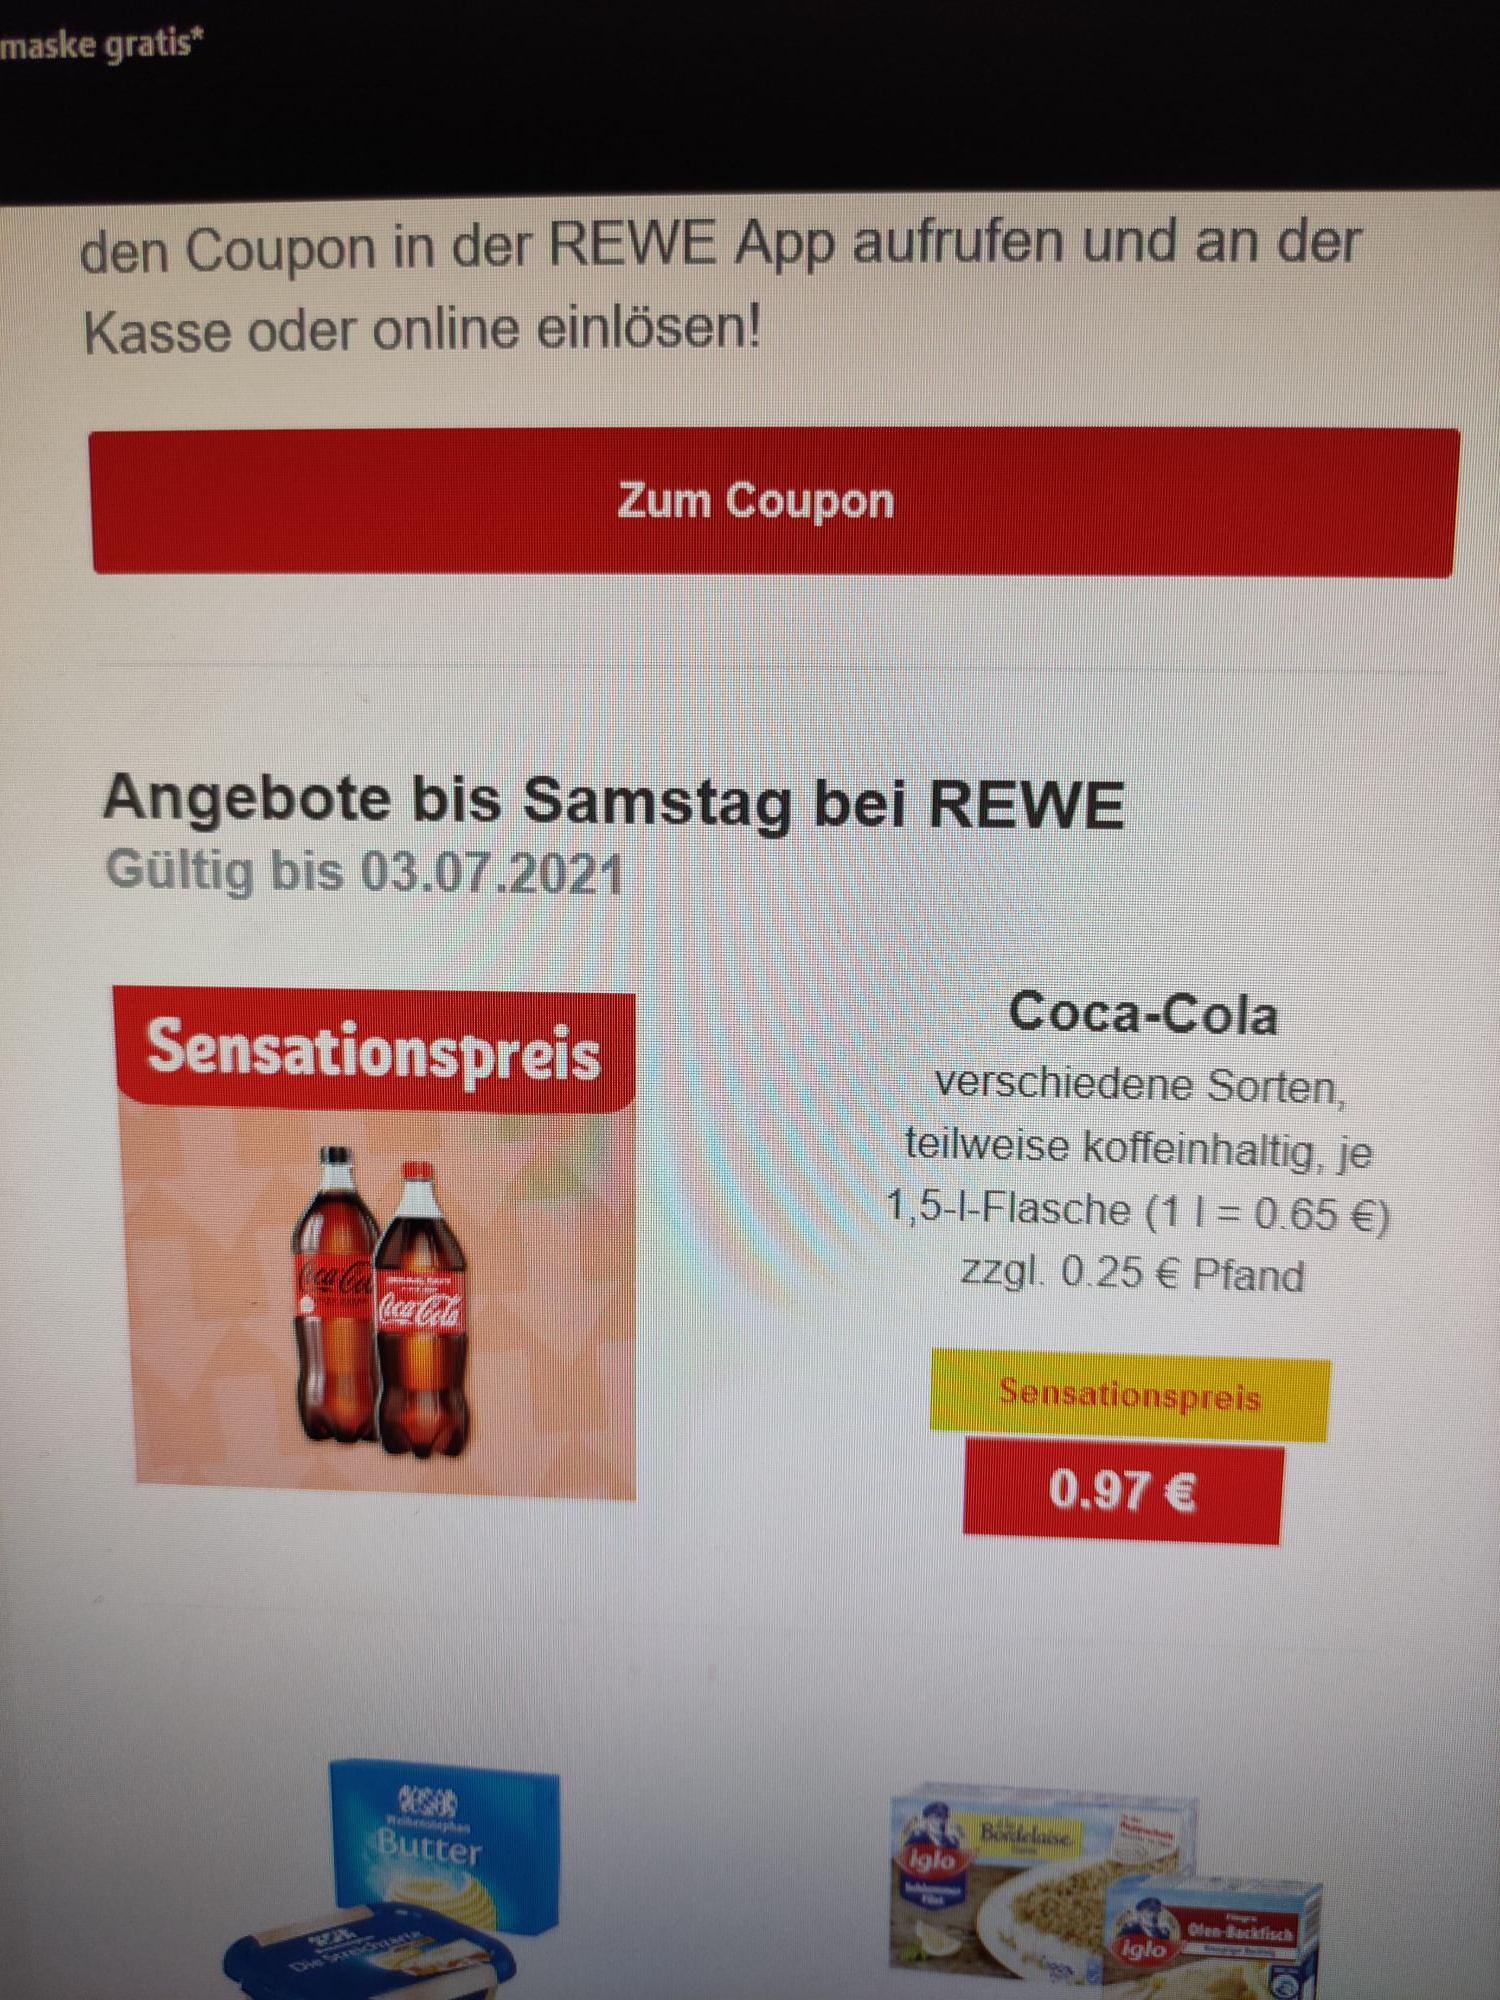 Noch mehr Coca-Cola - ein Graus für CR7 (+0,25 EUR Pfand Flasche) [Rewe Offline bundesweit?]